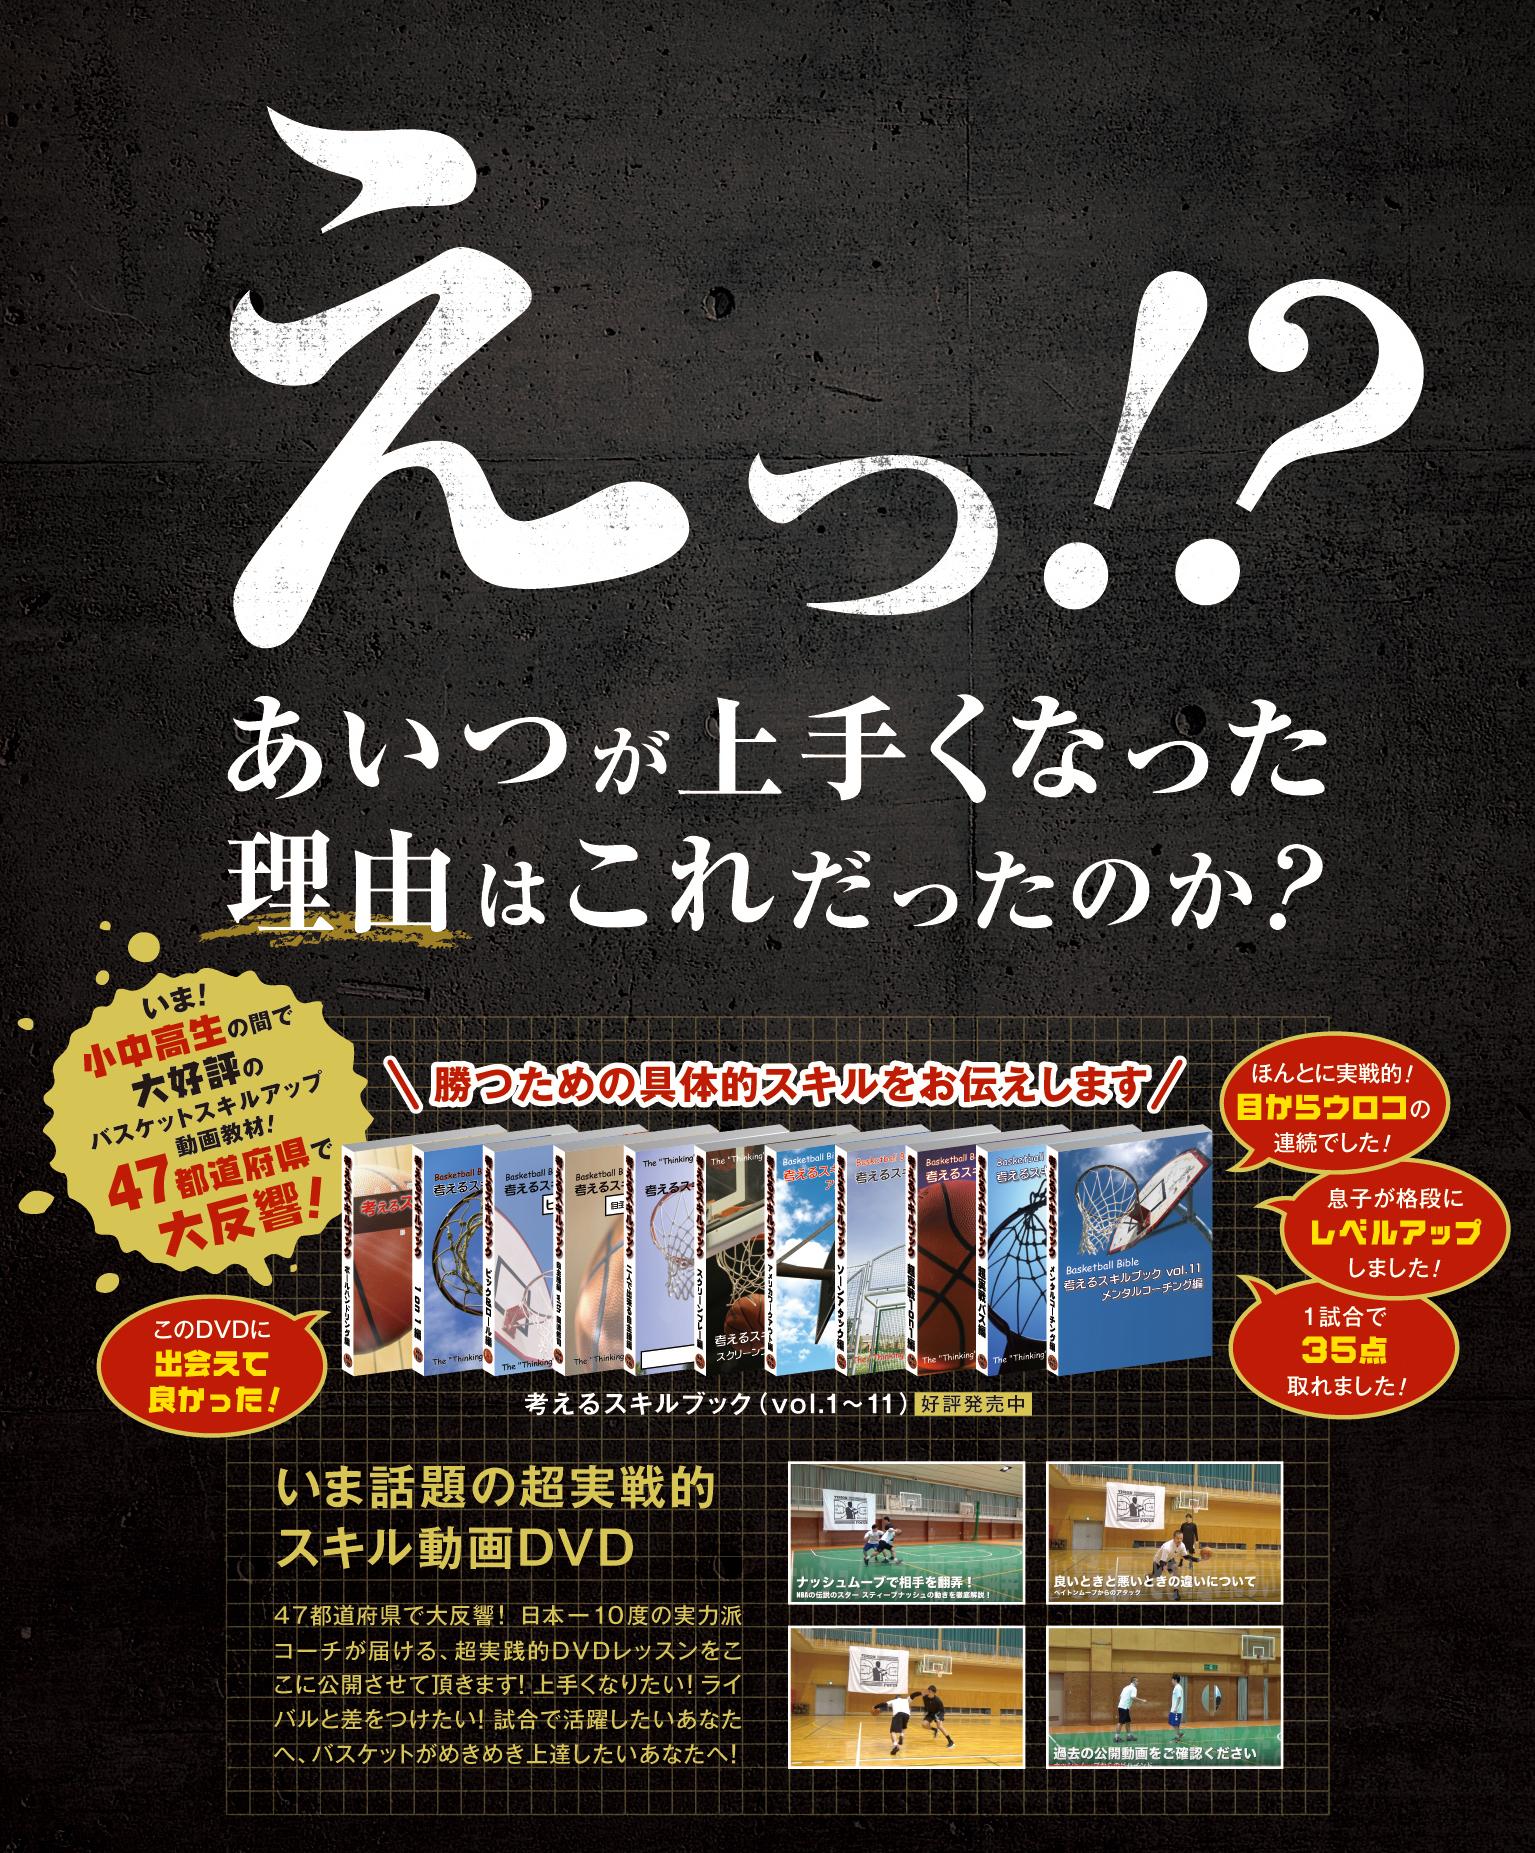 【考えるスキルブック】おすすめDVDランキングベスト3!